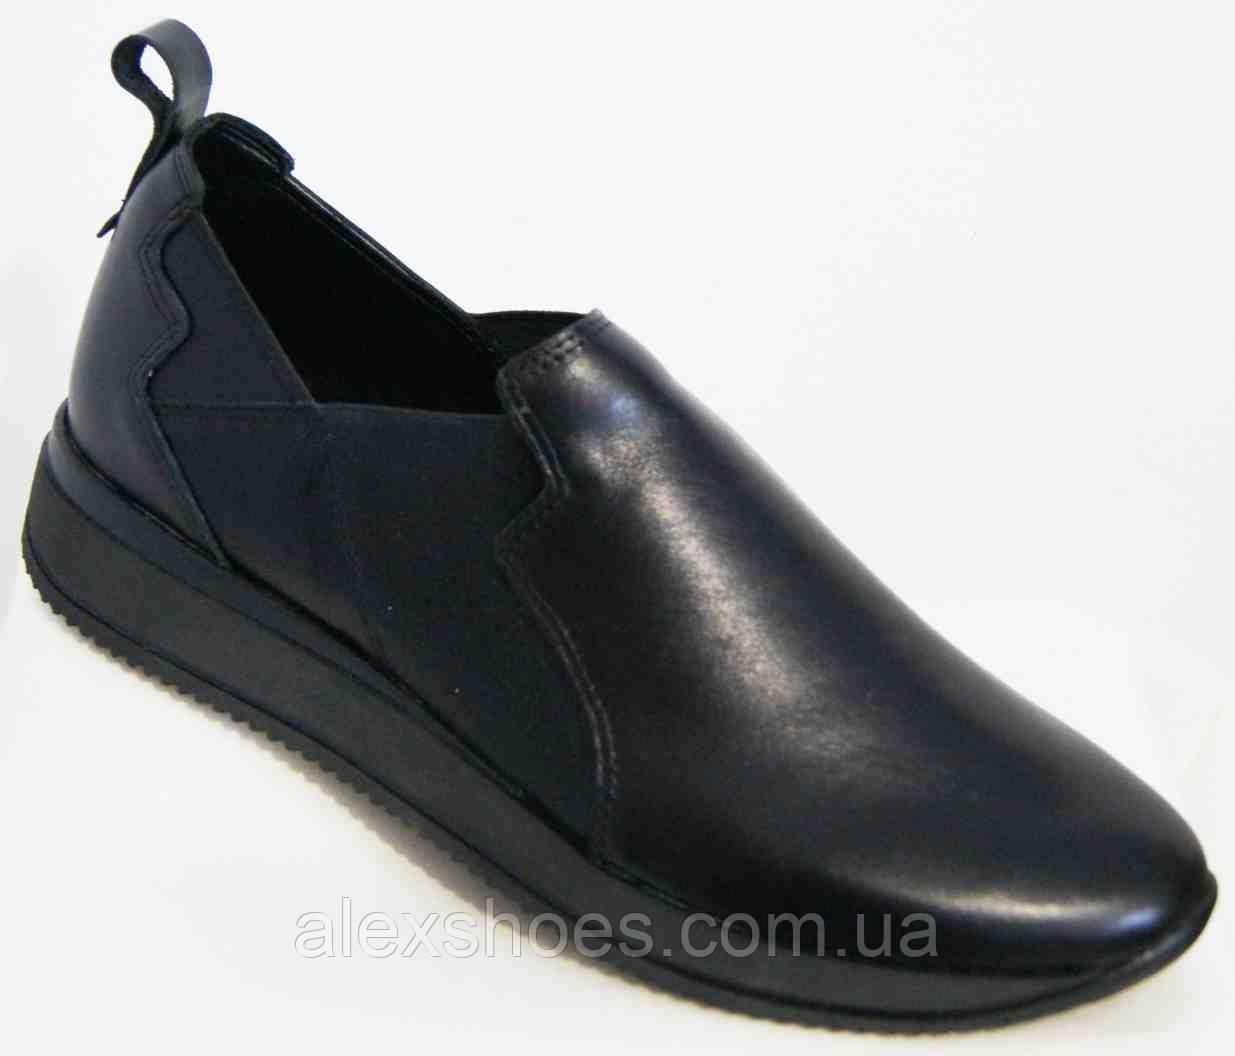 Туфли женские большого размера из натуральной кожи от производителя модель В5236-8